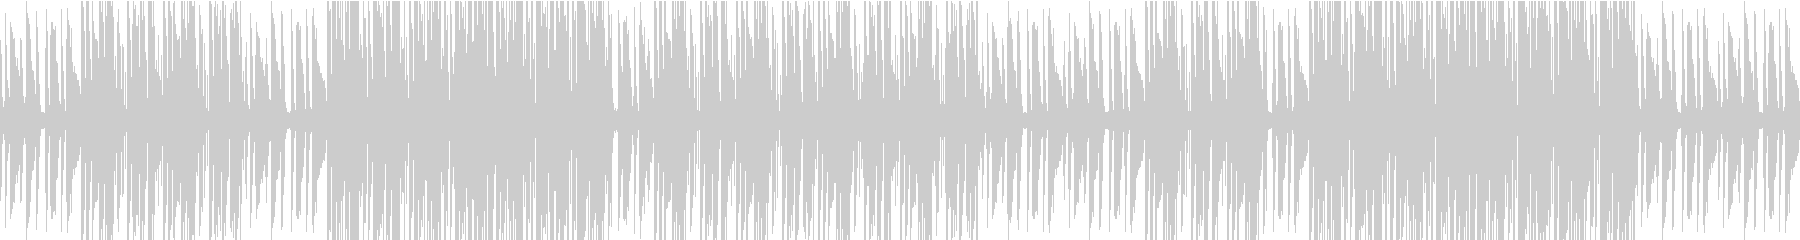 不安になるピアノのヒップホップの未再生の波形